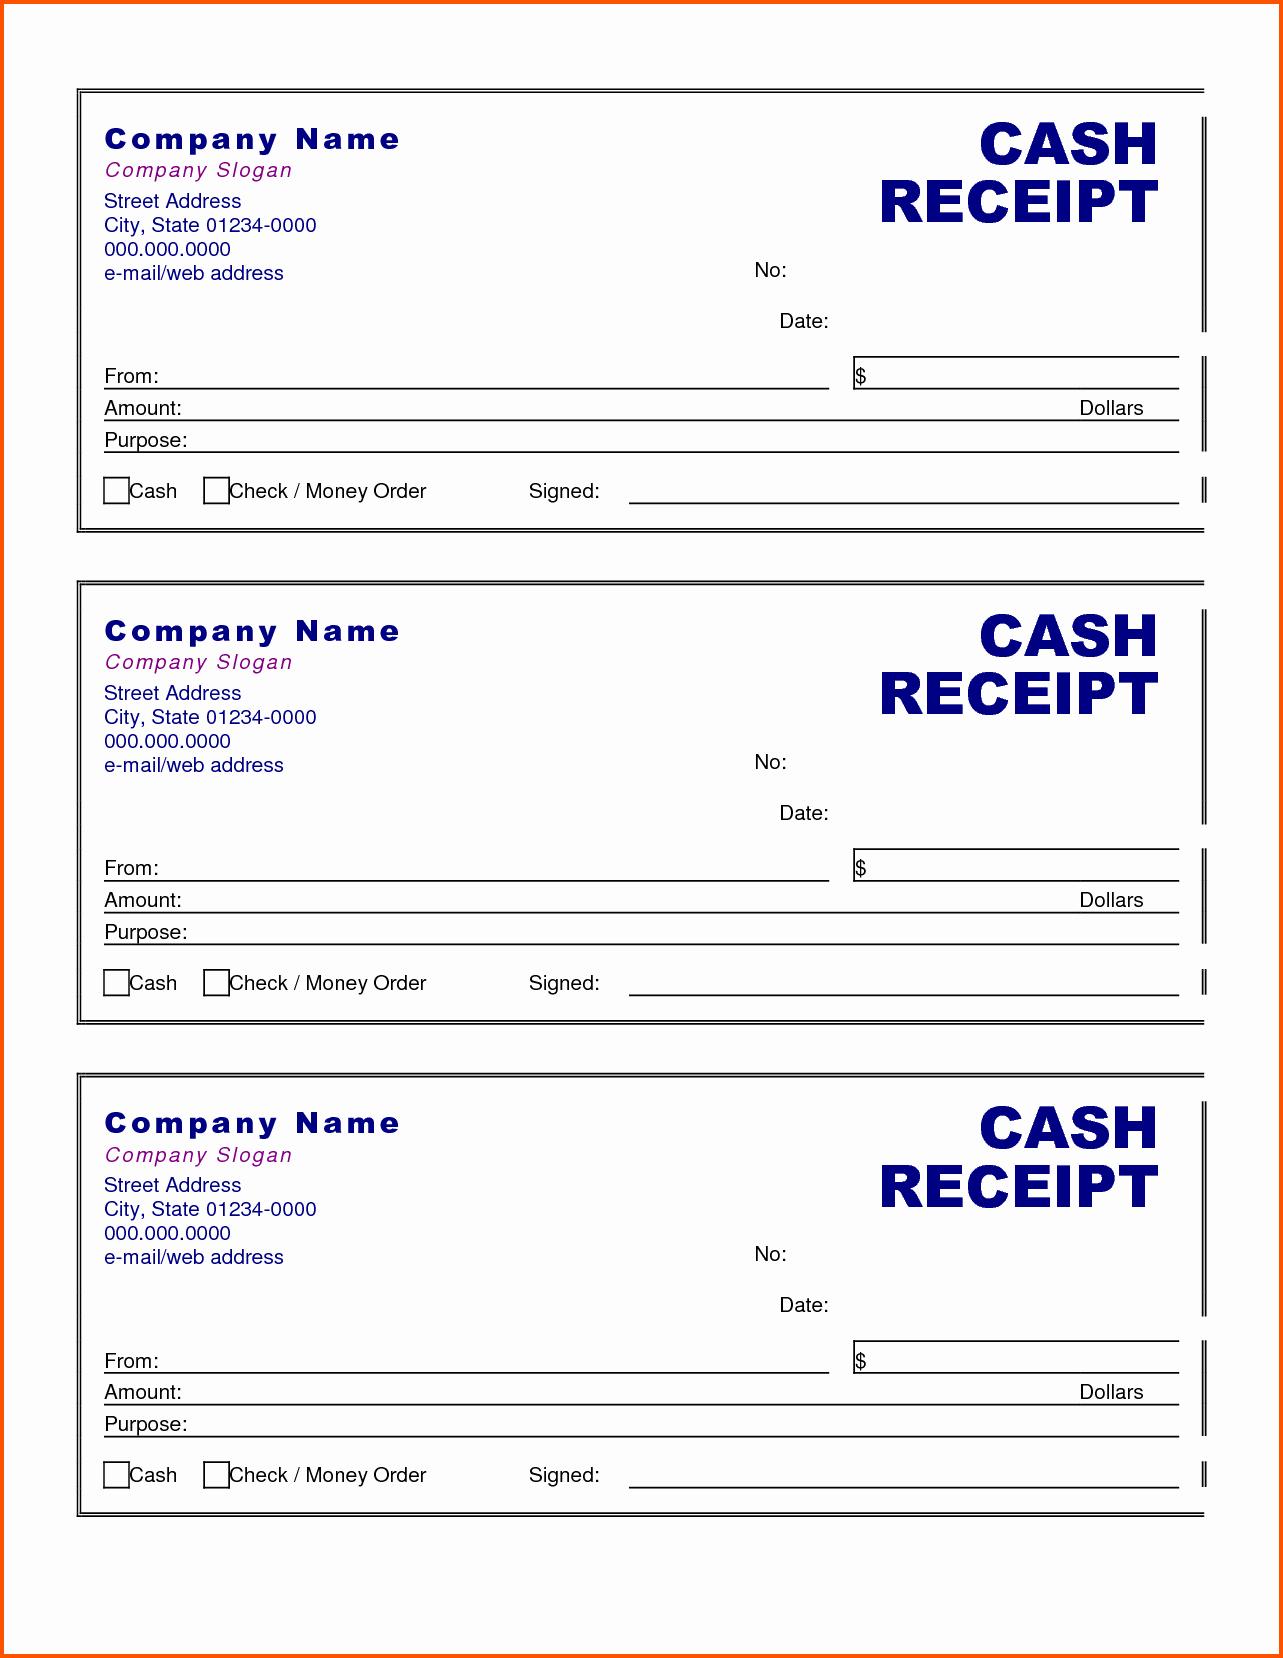 Cash Receipt format In Excel Unique Cash Receipt form Examples Vatansun